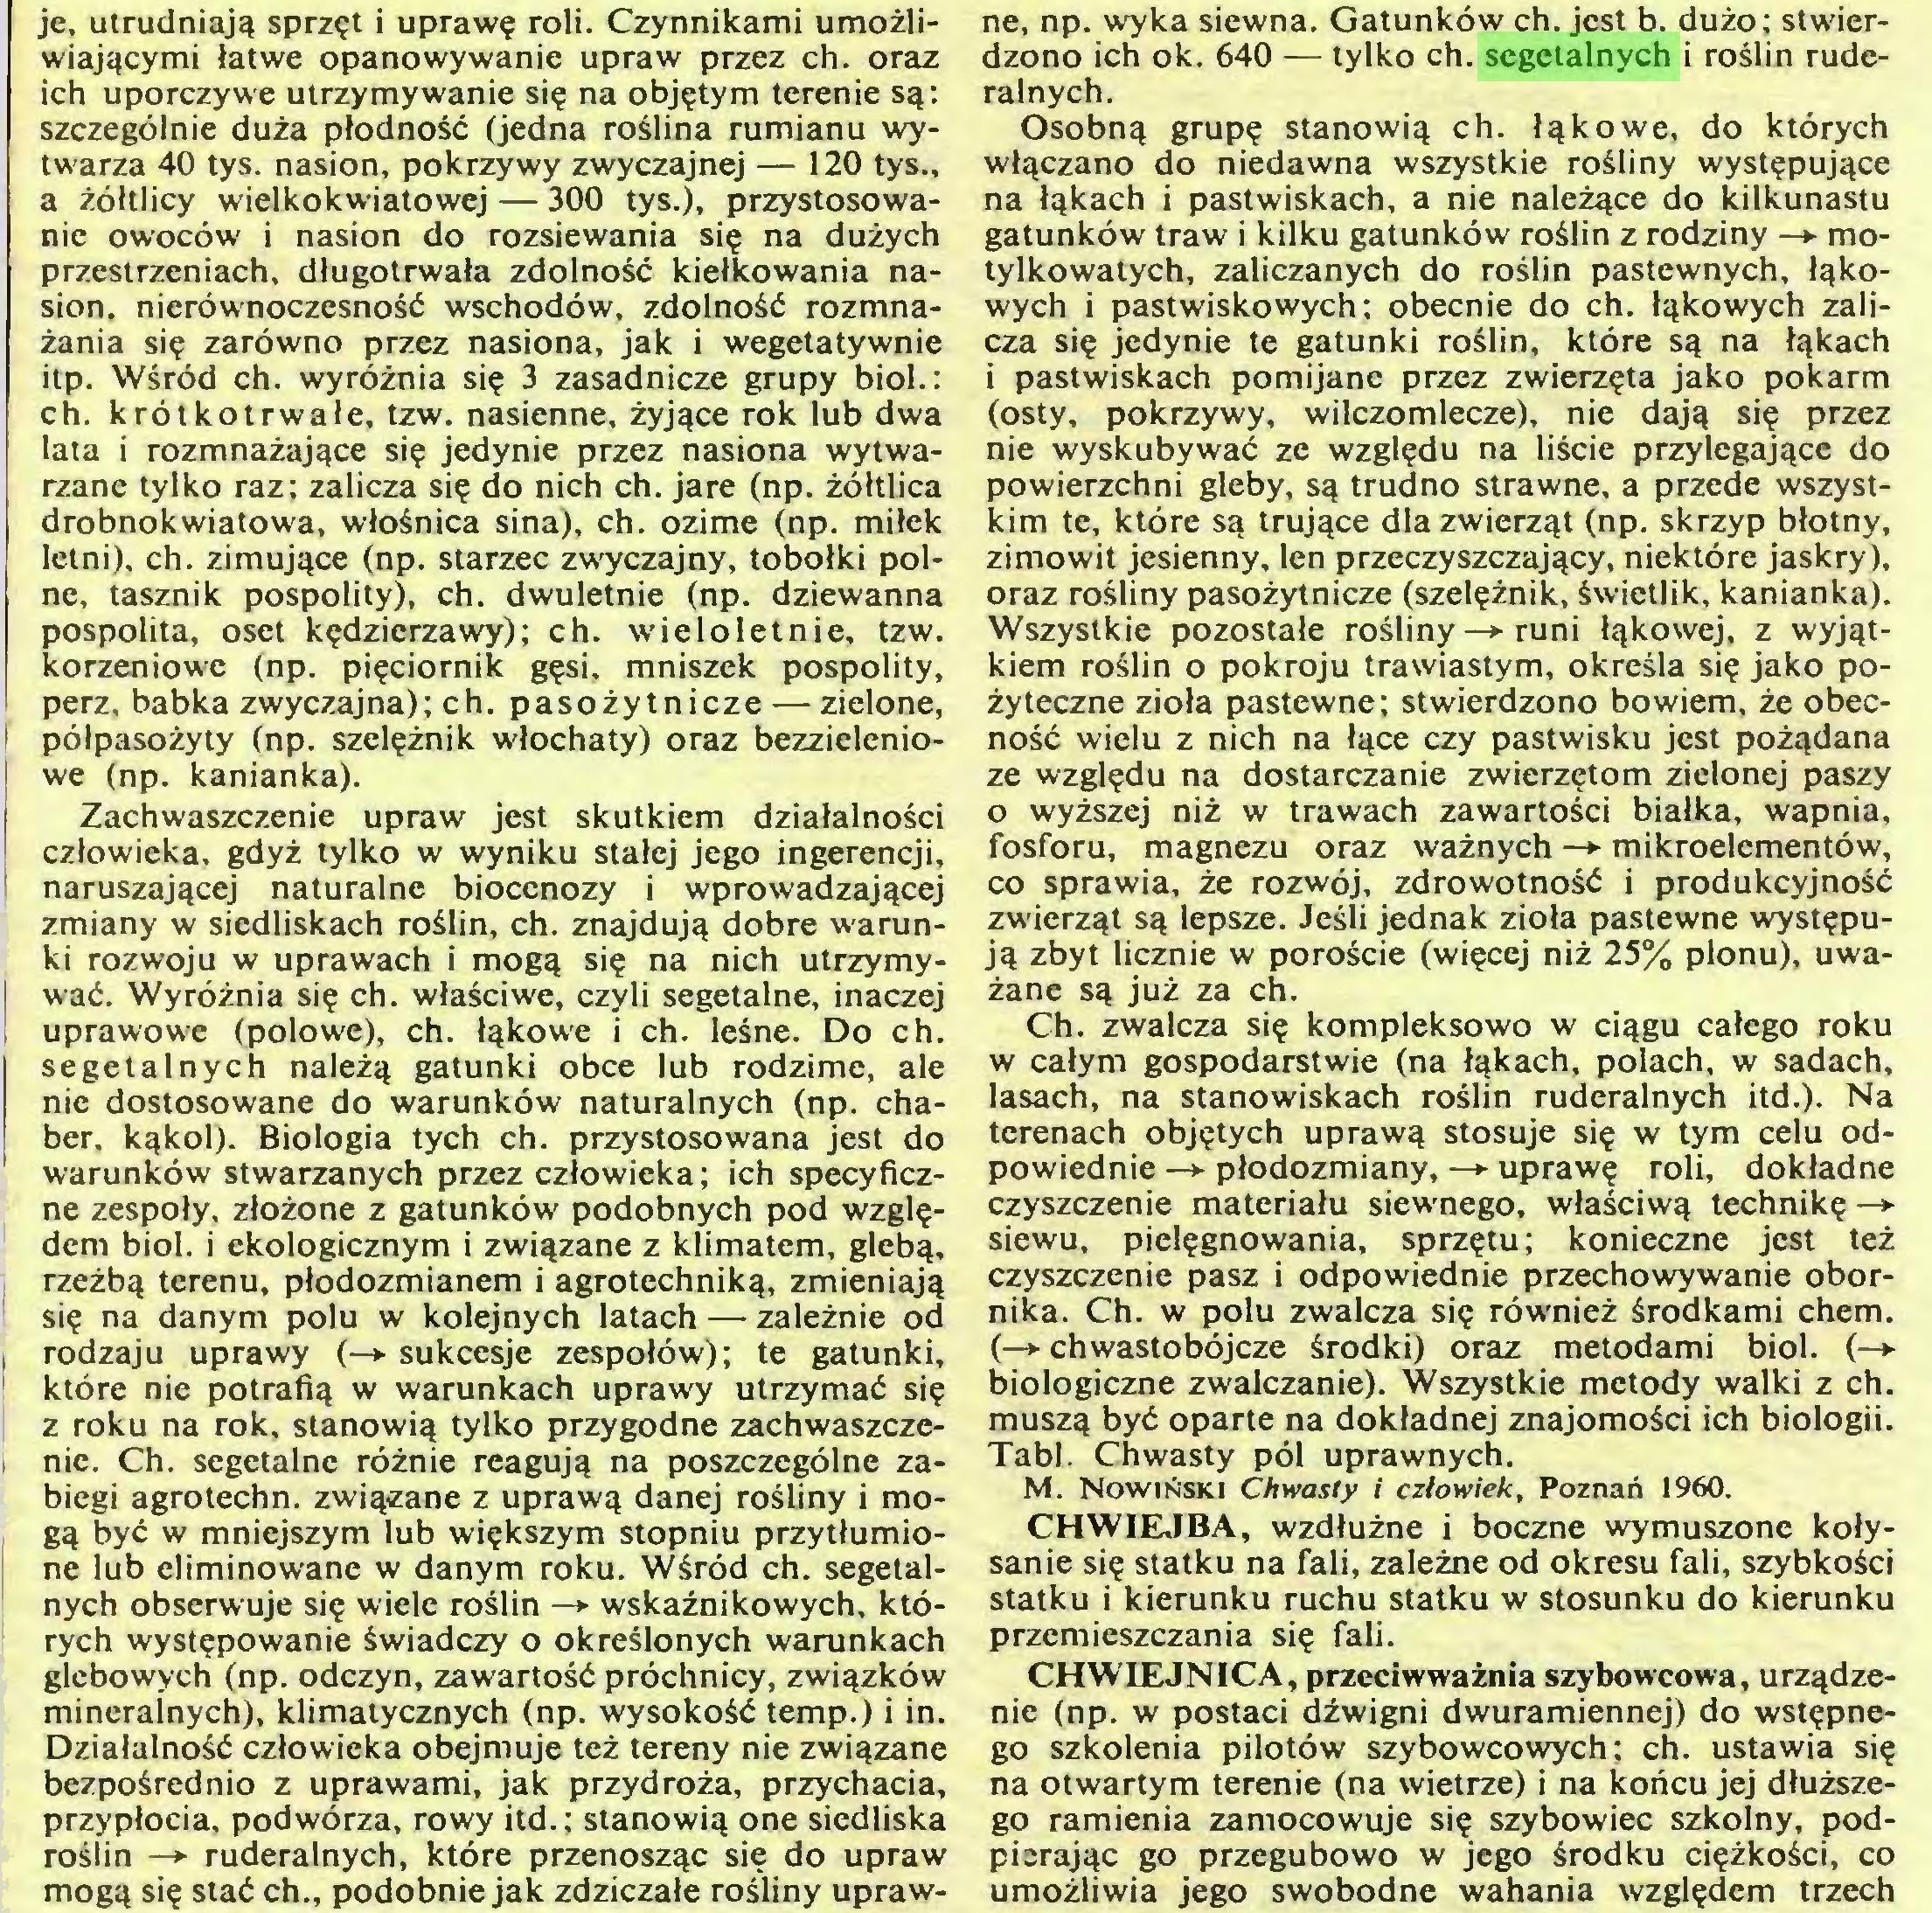 (...) Działalność człowieka obejmuje też tereny nie związane bezpośrednio z uprawami, jak przydroża, przychacia, przypłocia, podwórza, rowy itd.; stanowią one siedliska roślin —► ruderalnych, które przenosząc się do upraw mogą się stać ch., podobnie jak zdziczałe rośliny upraw¬ ne, np. wyka siewna. Gatunków ch. jest b. dużo; stwierdzono ich ok. 640 — tylko ch. segetalnych i roślin ruderalnych...